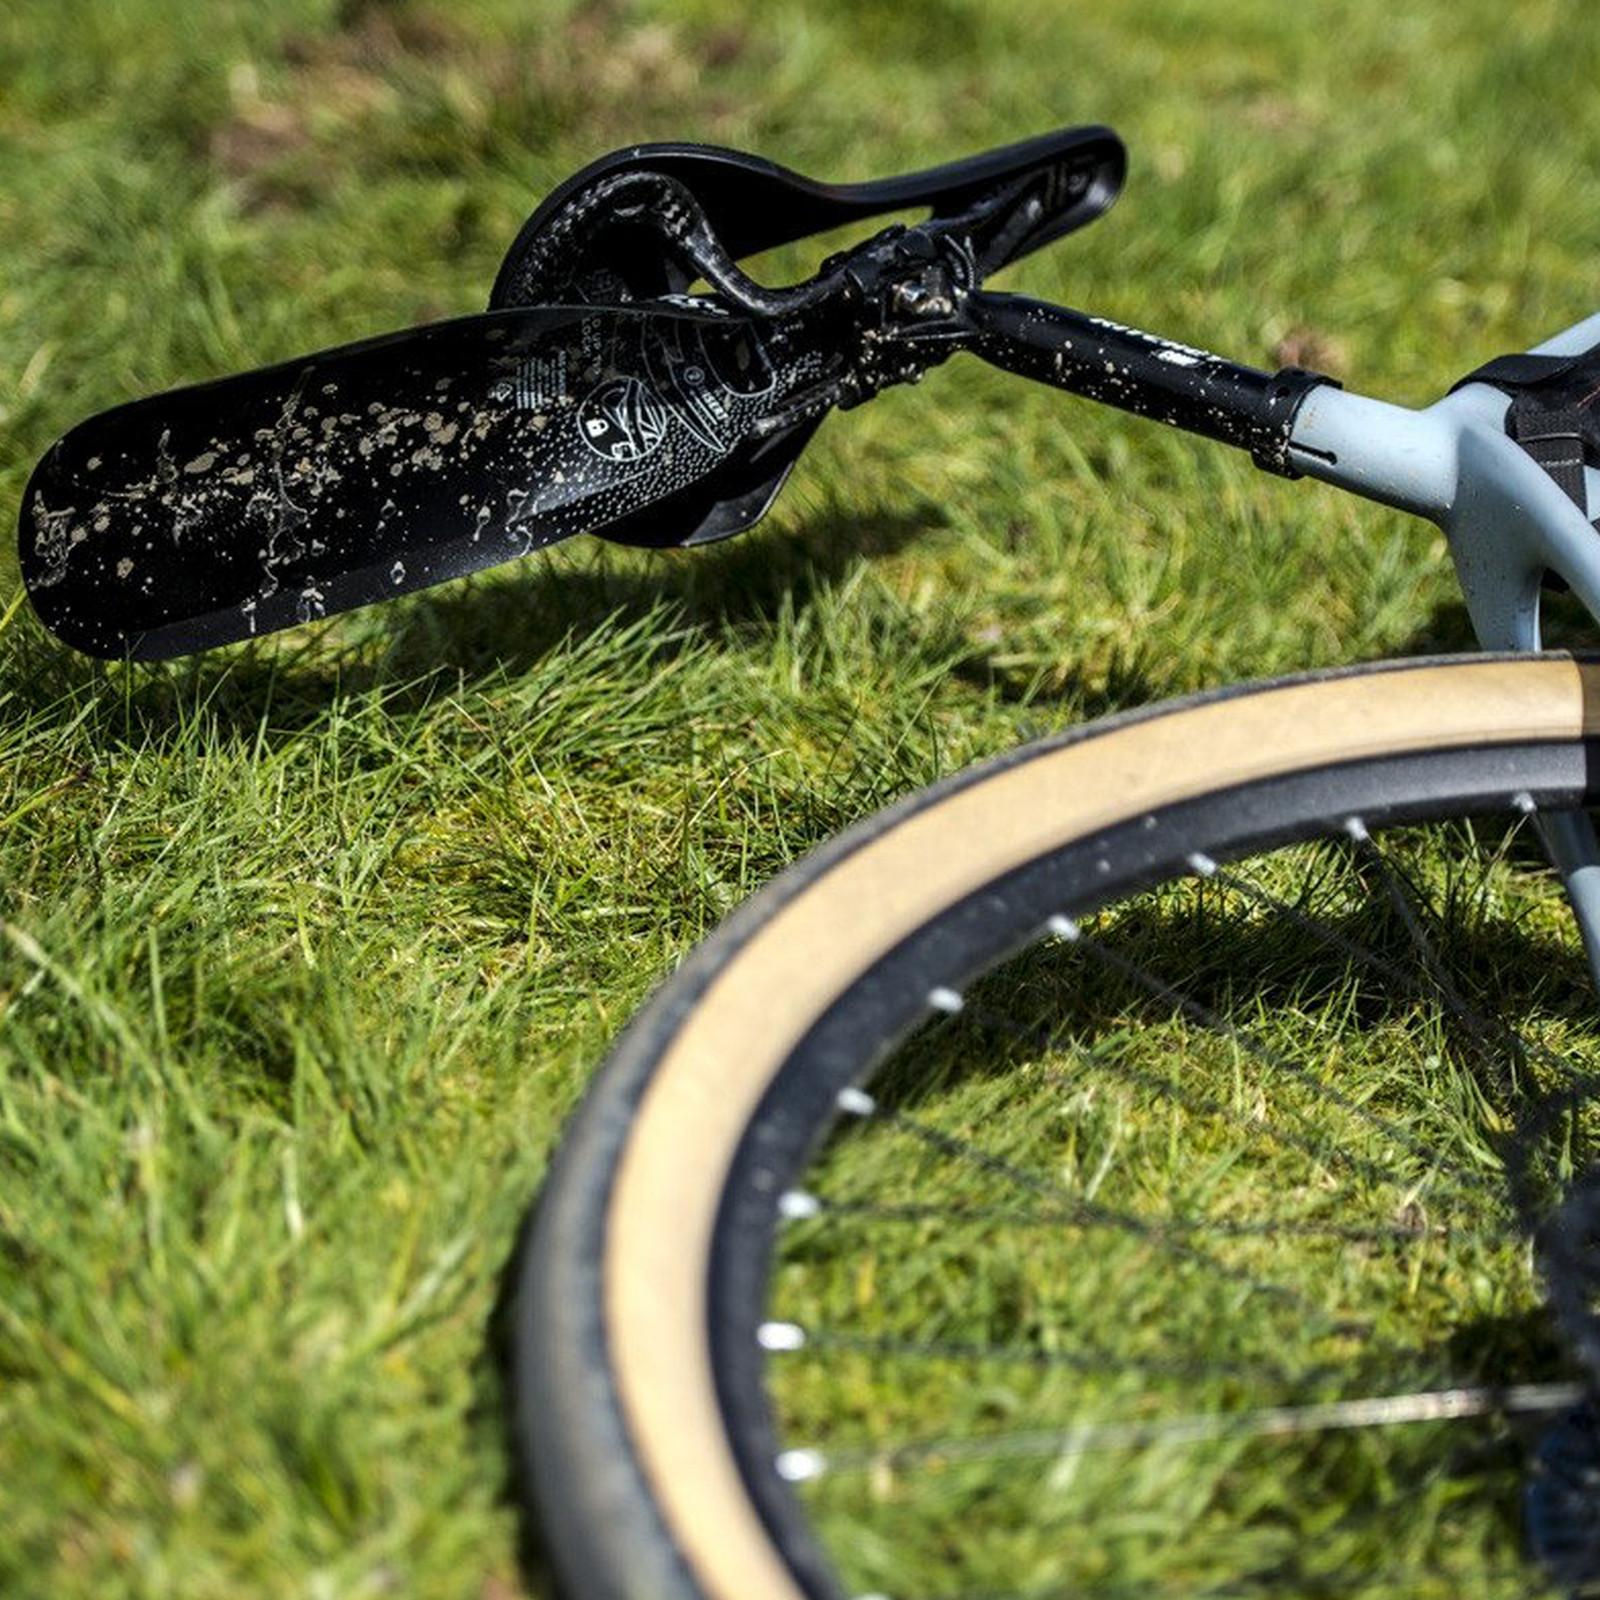 Fesses Saver gros gravier CX Bike Arrière Garde-boue-Toutes Les Couleurs